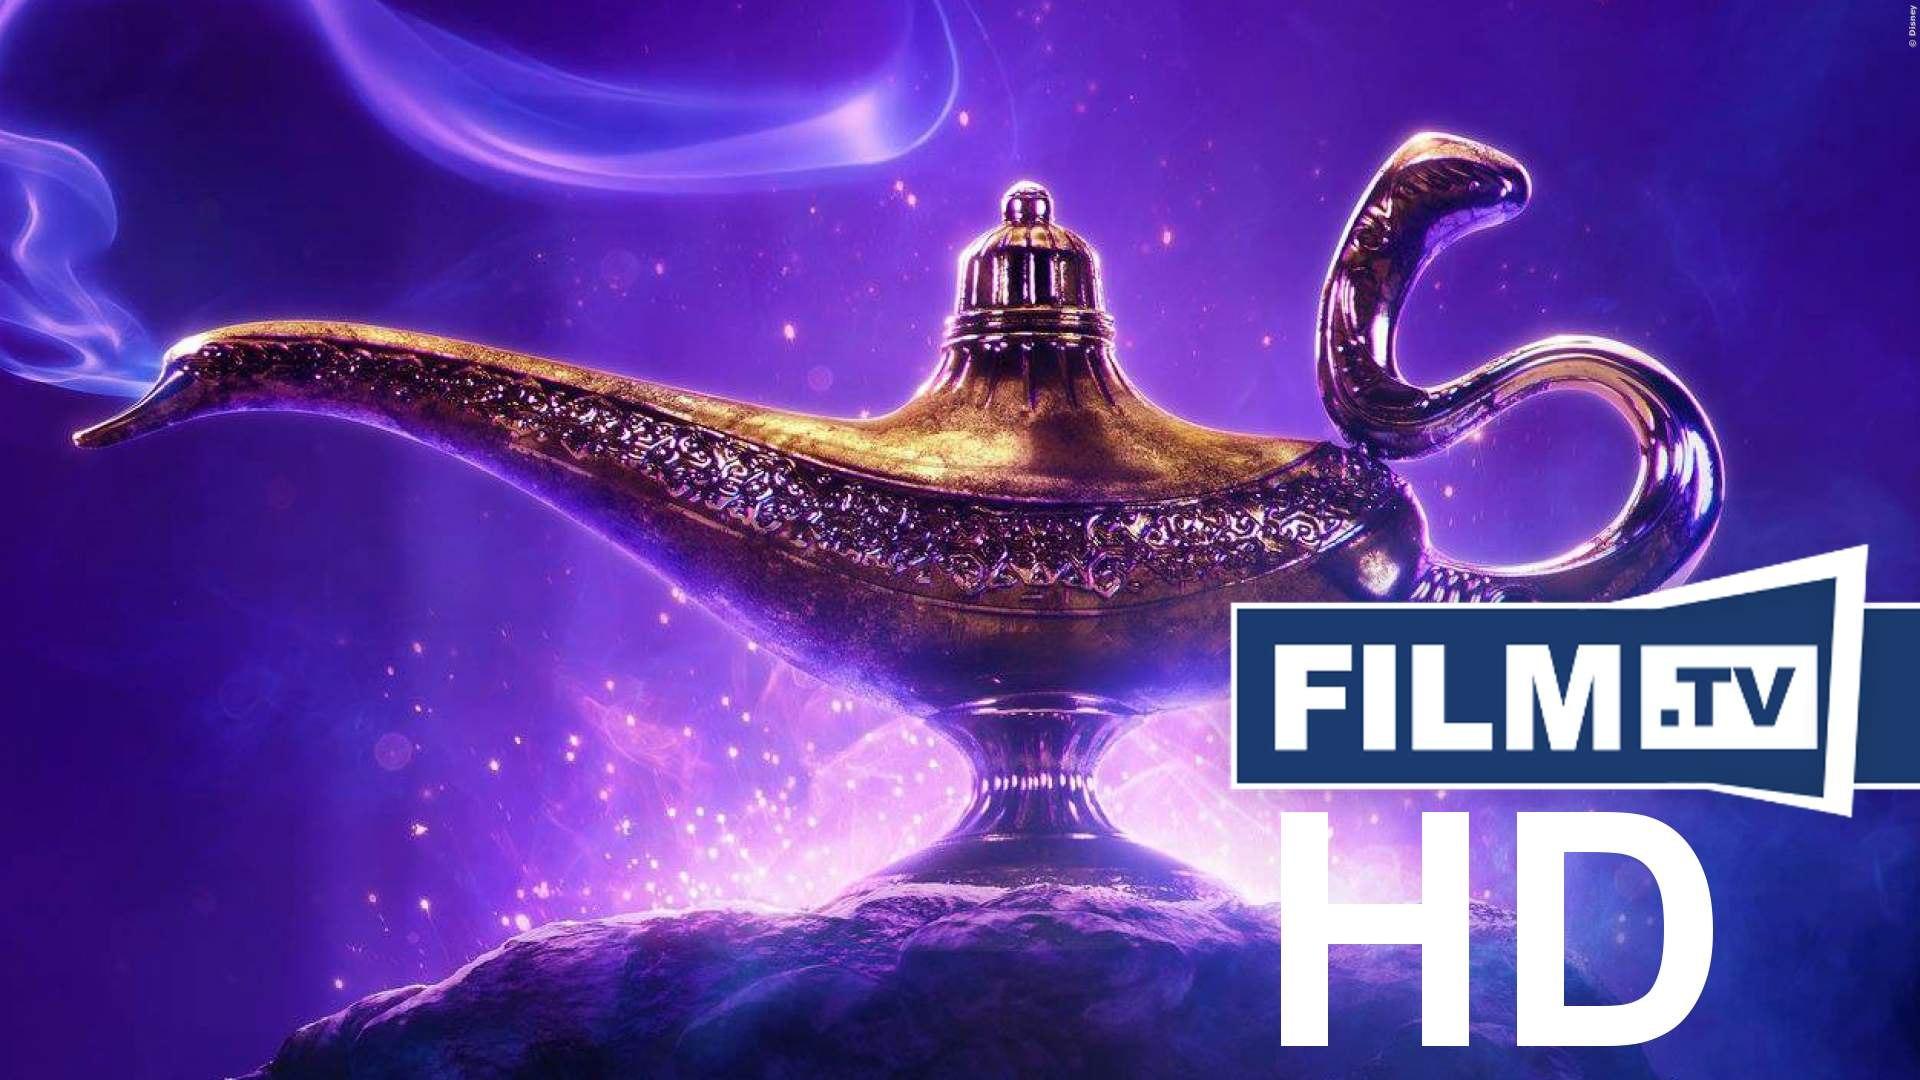 Aladdin Trailer (2019) - DVD Trailer